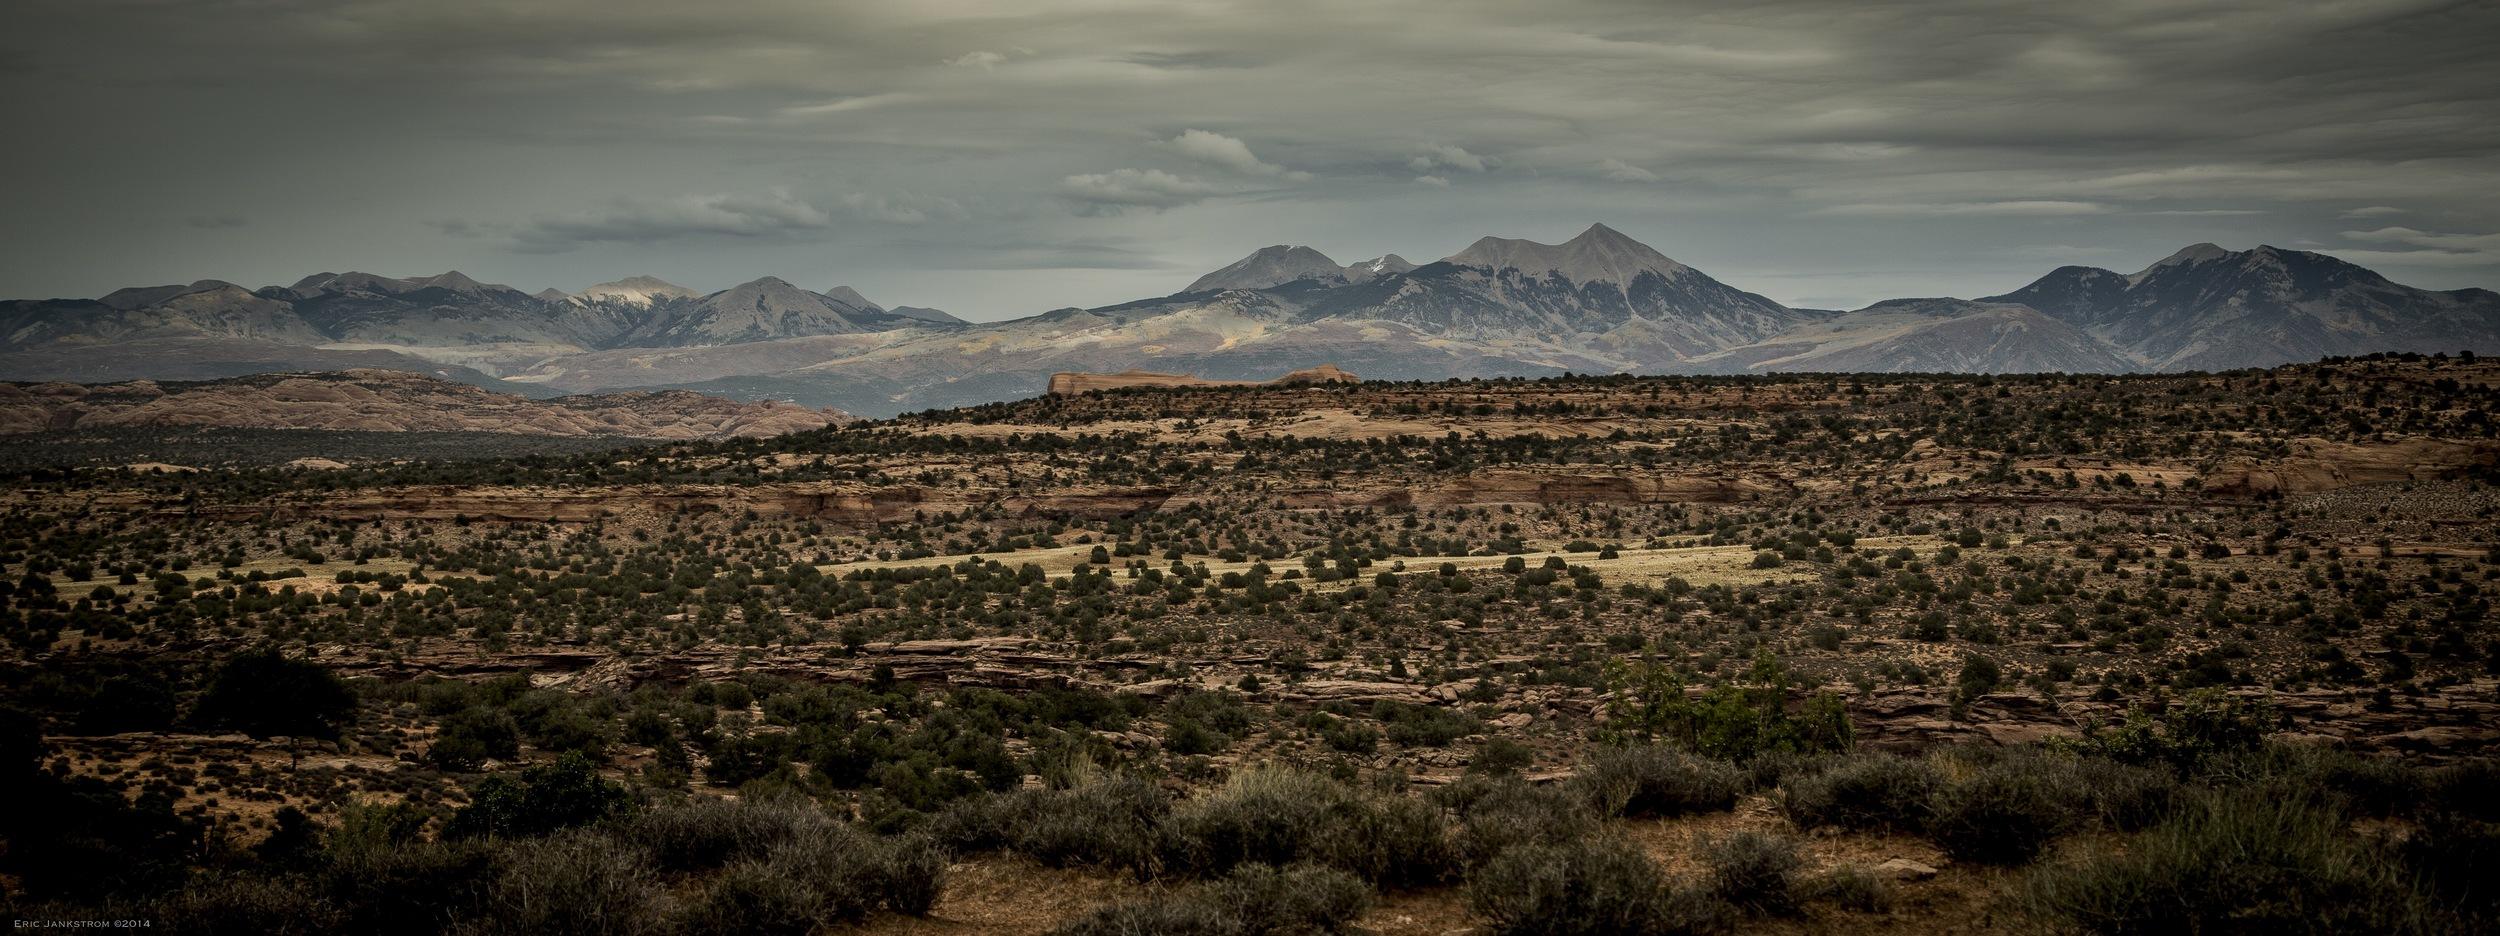 Moab-10.jpeg